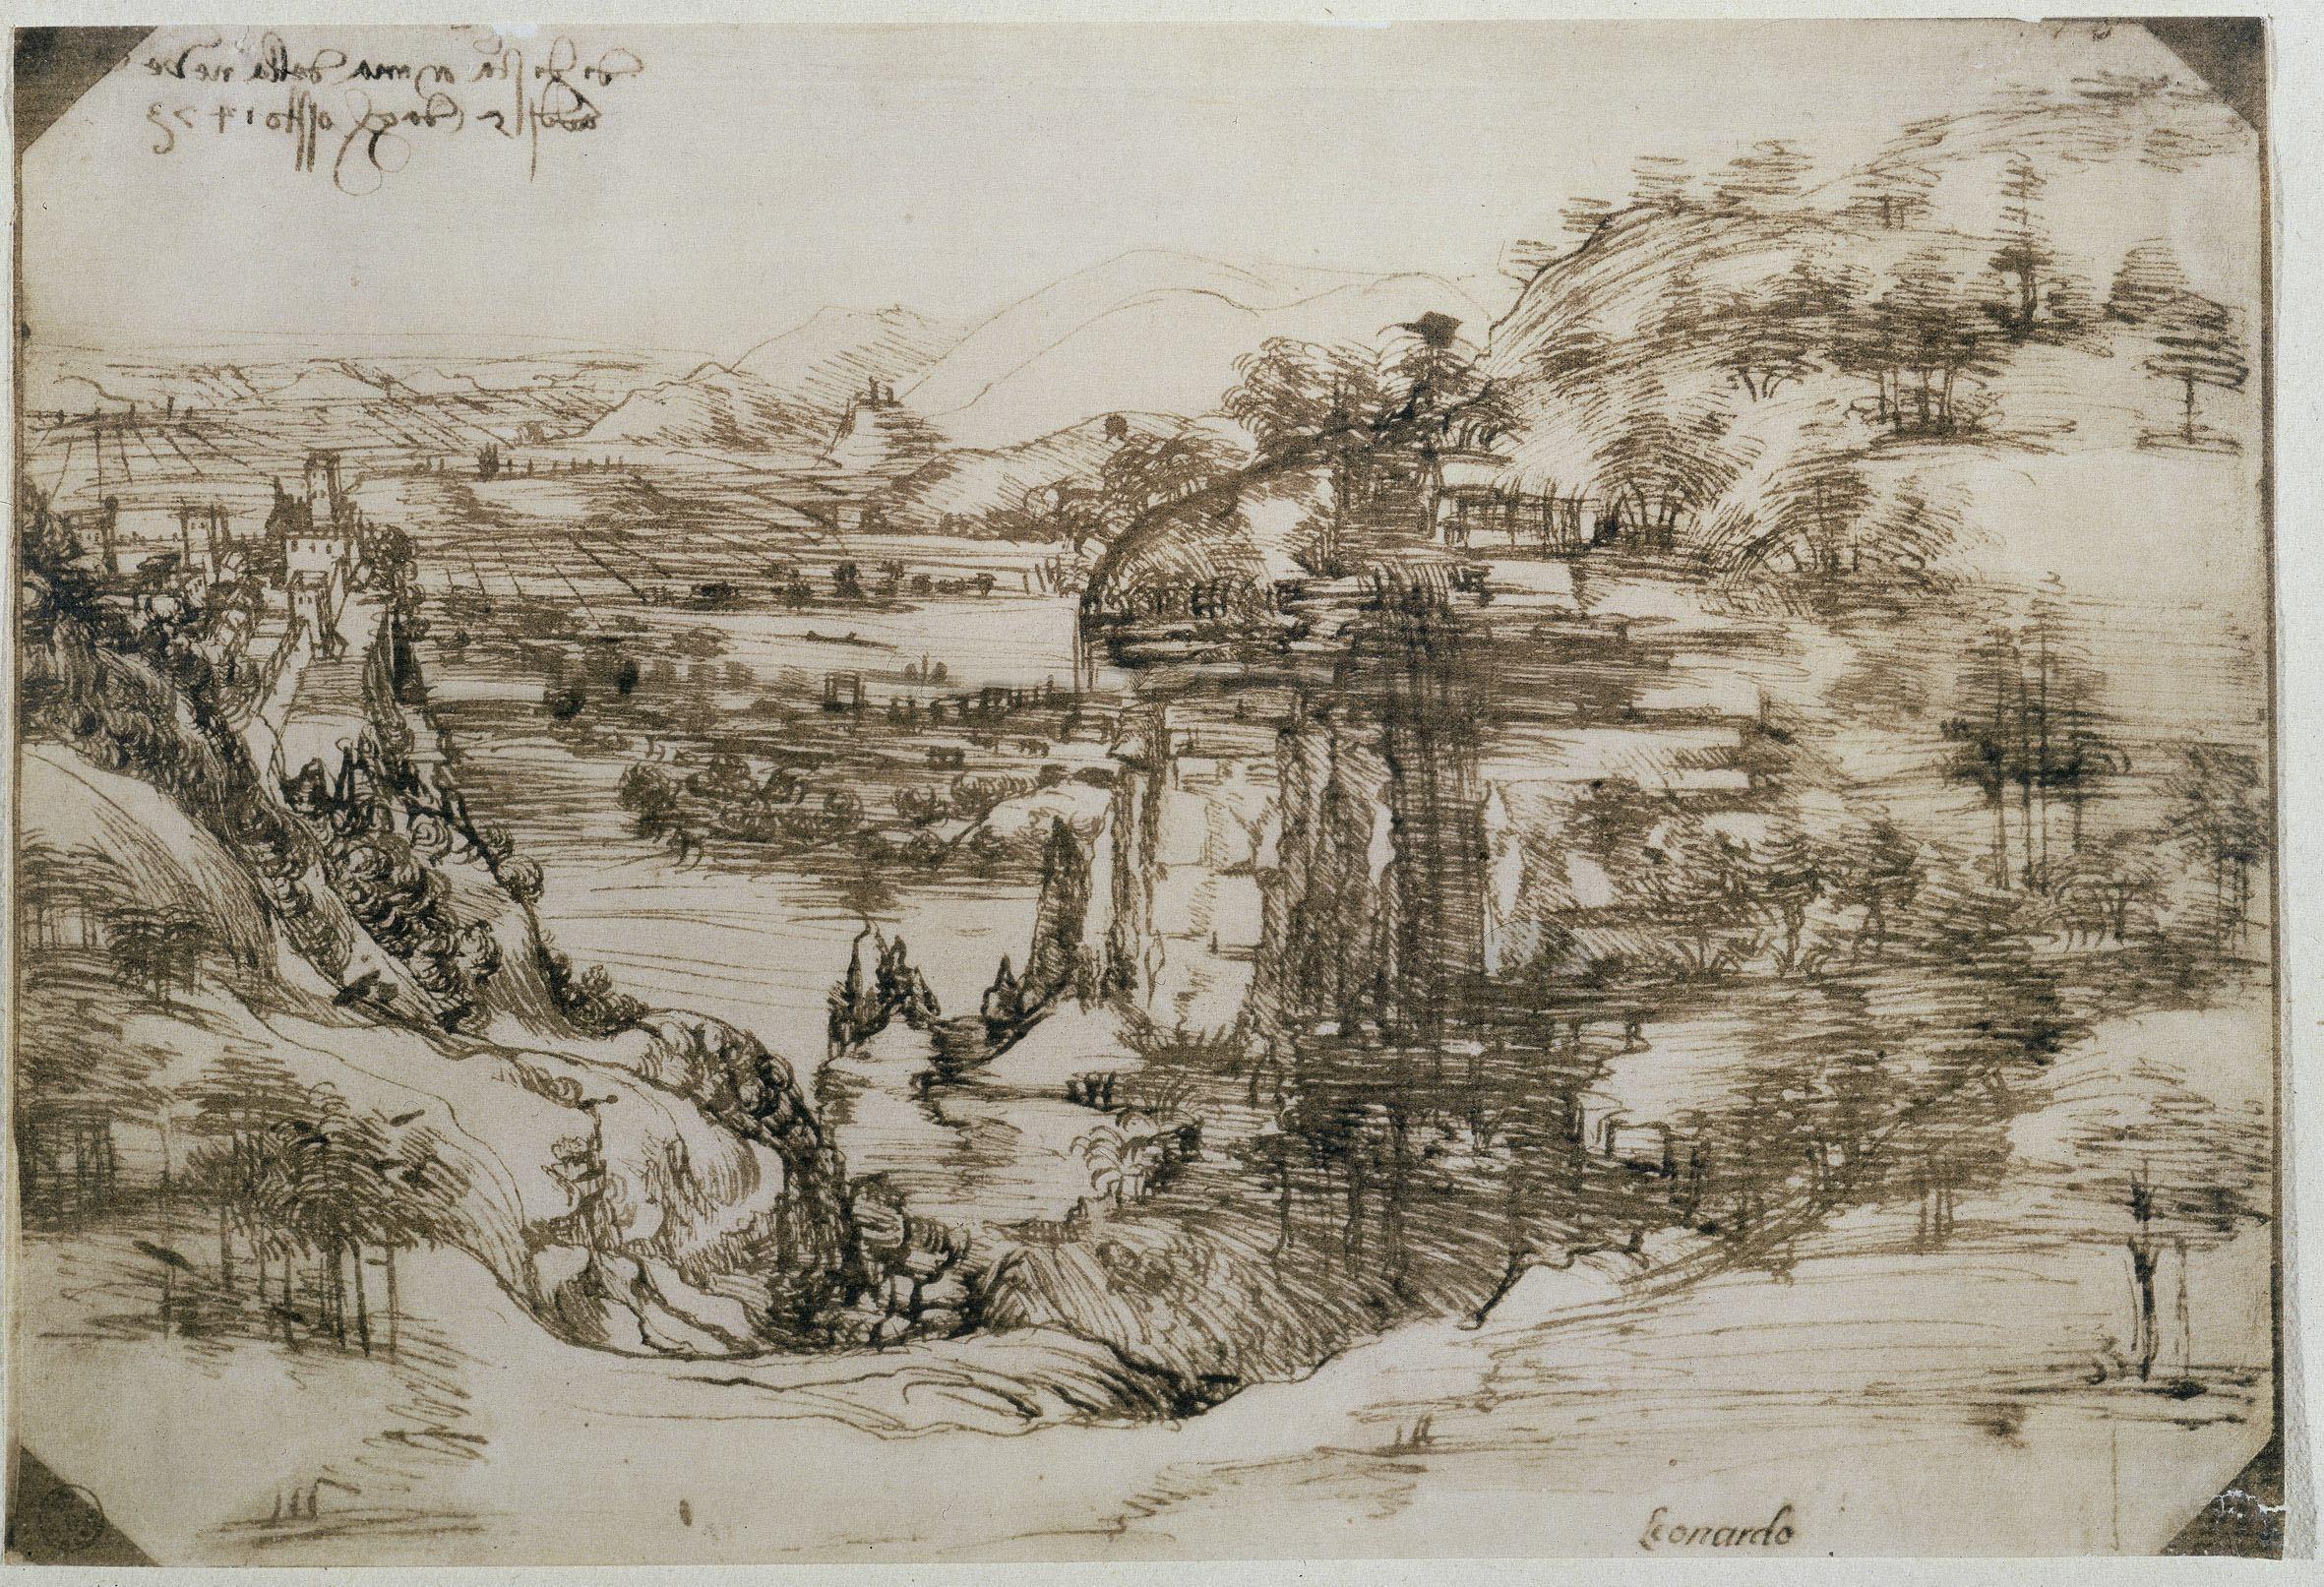 Σχέδιο του Λεονάρντο Ντα Βίντσι